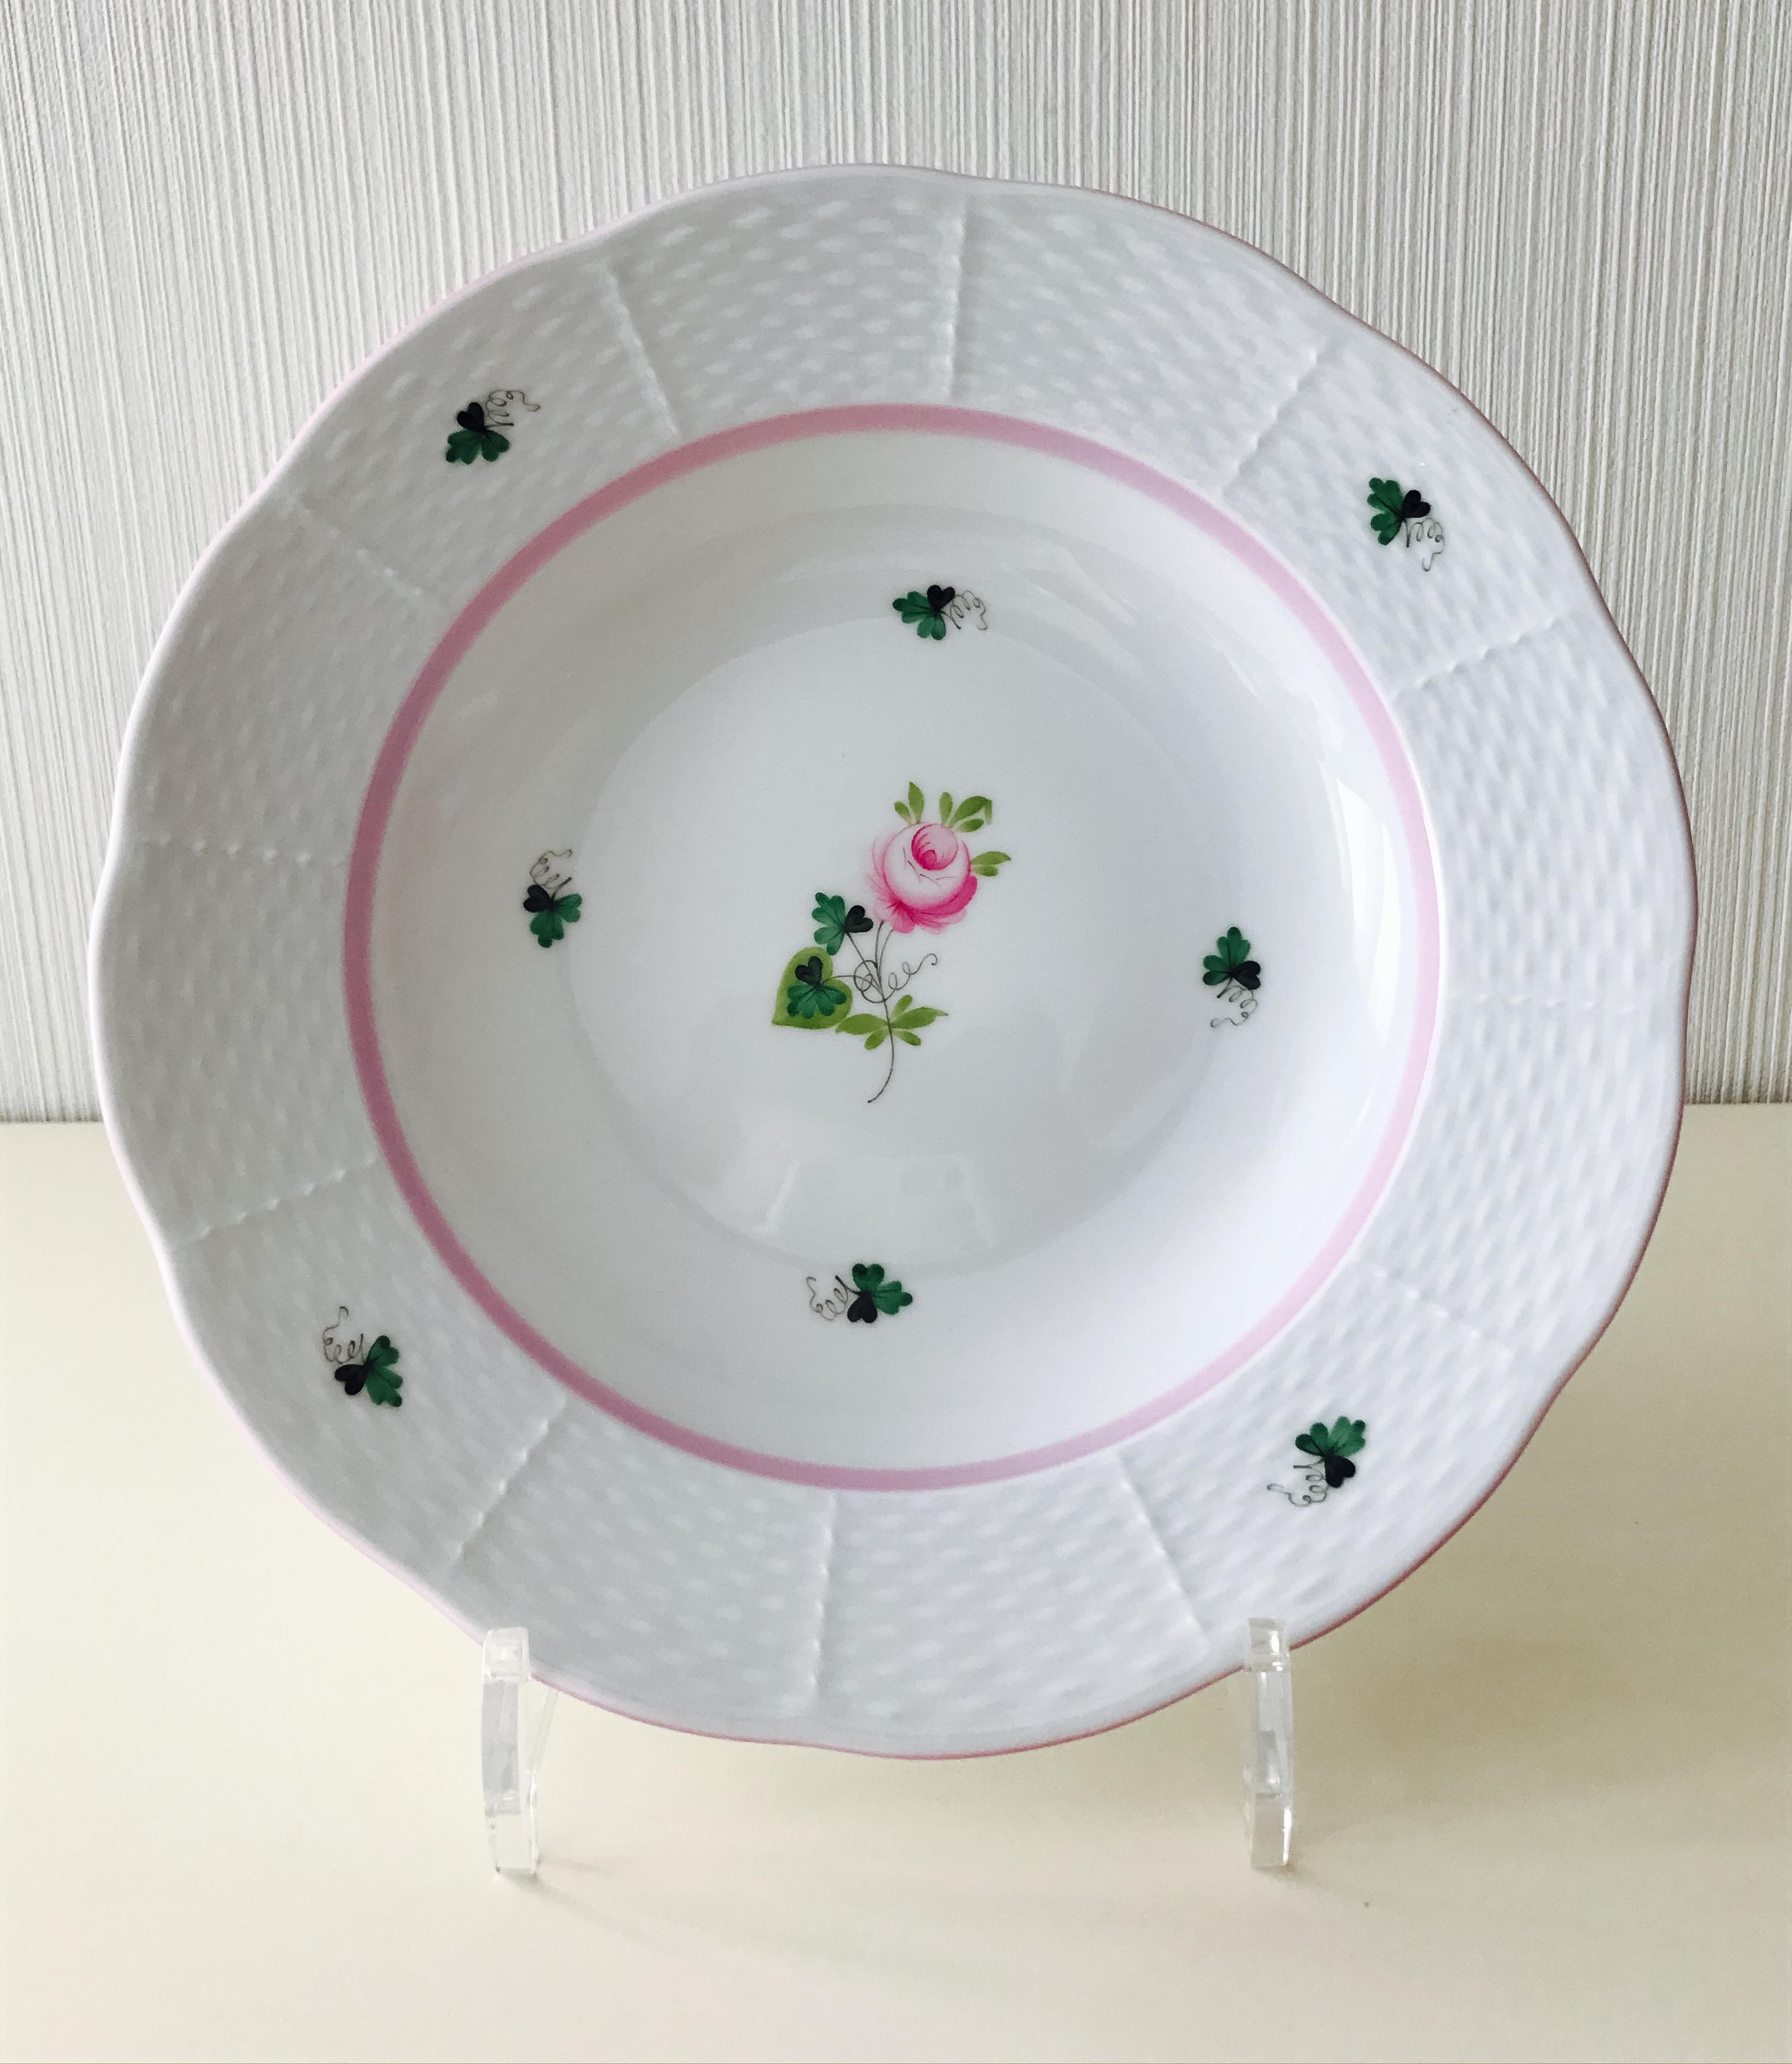 ヘレンド VRH-X4 00504-0-00 ウィーンの薔薇ピンク スーププレート 約23cm *スーププレートのみ。ディナープレートは別売りです。